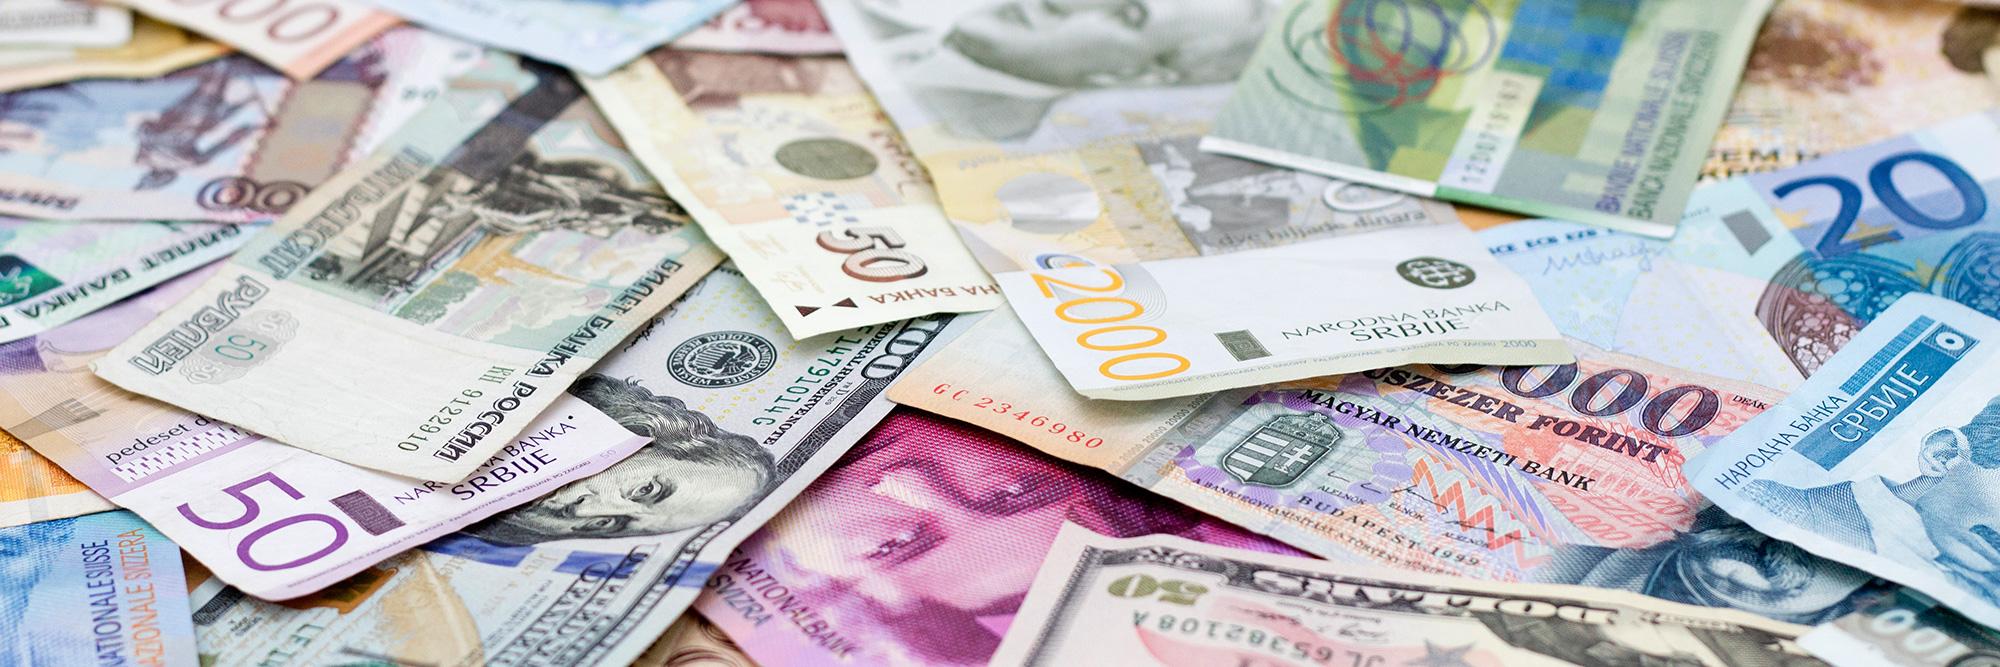 Währung Rs In Euro